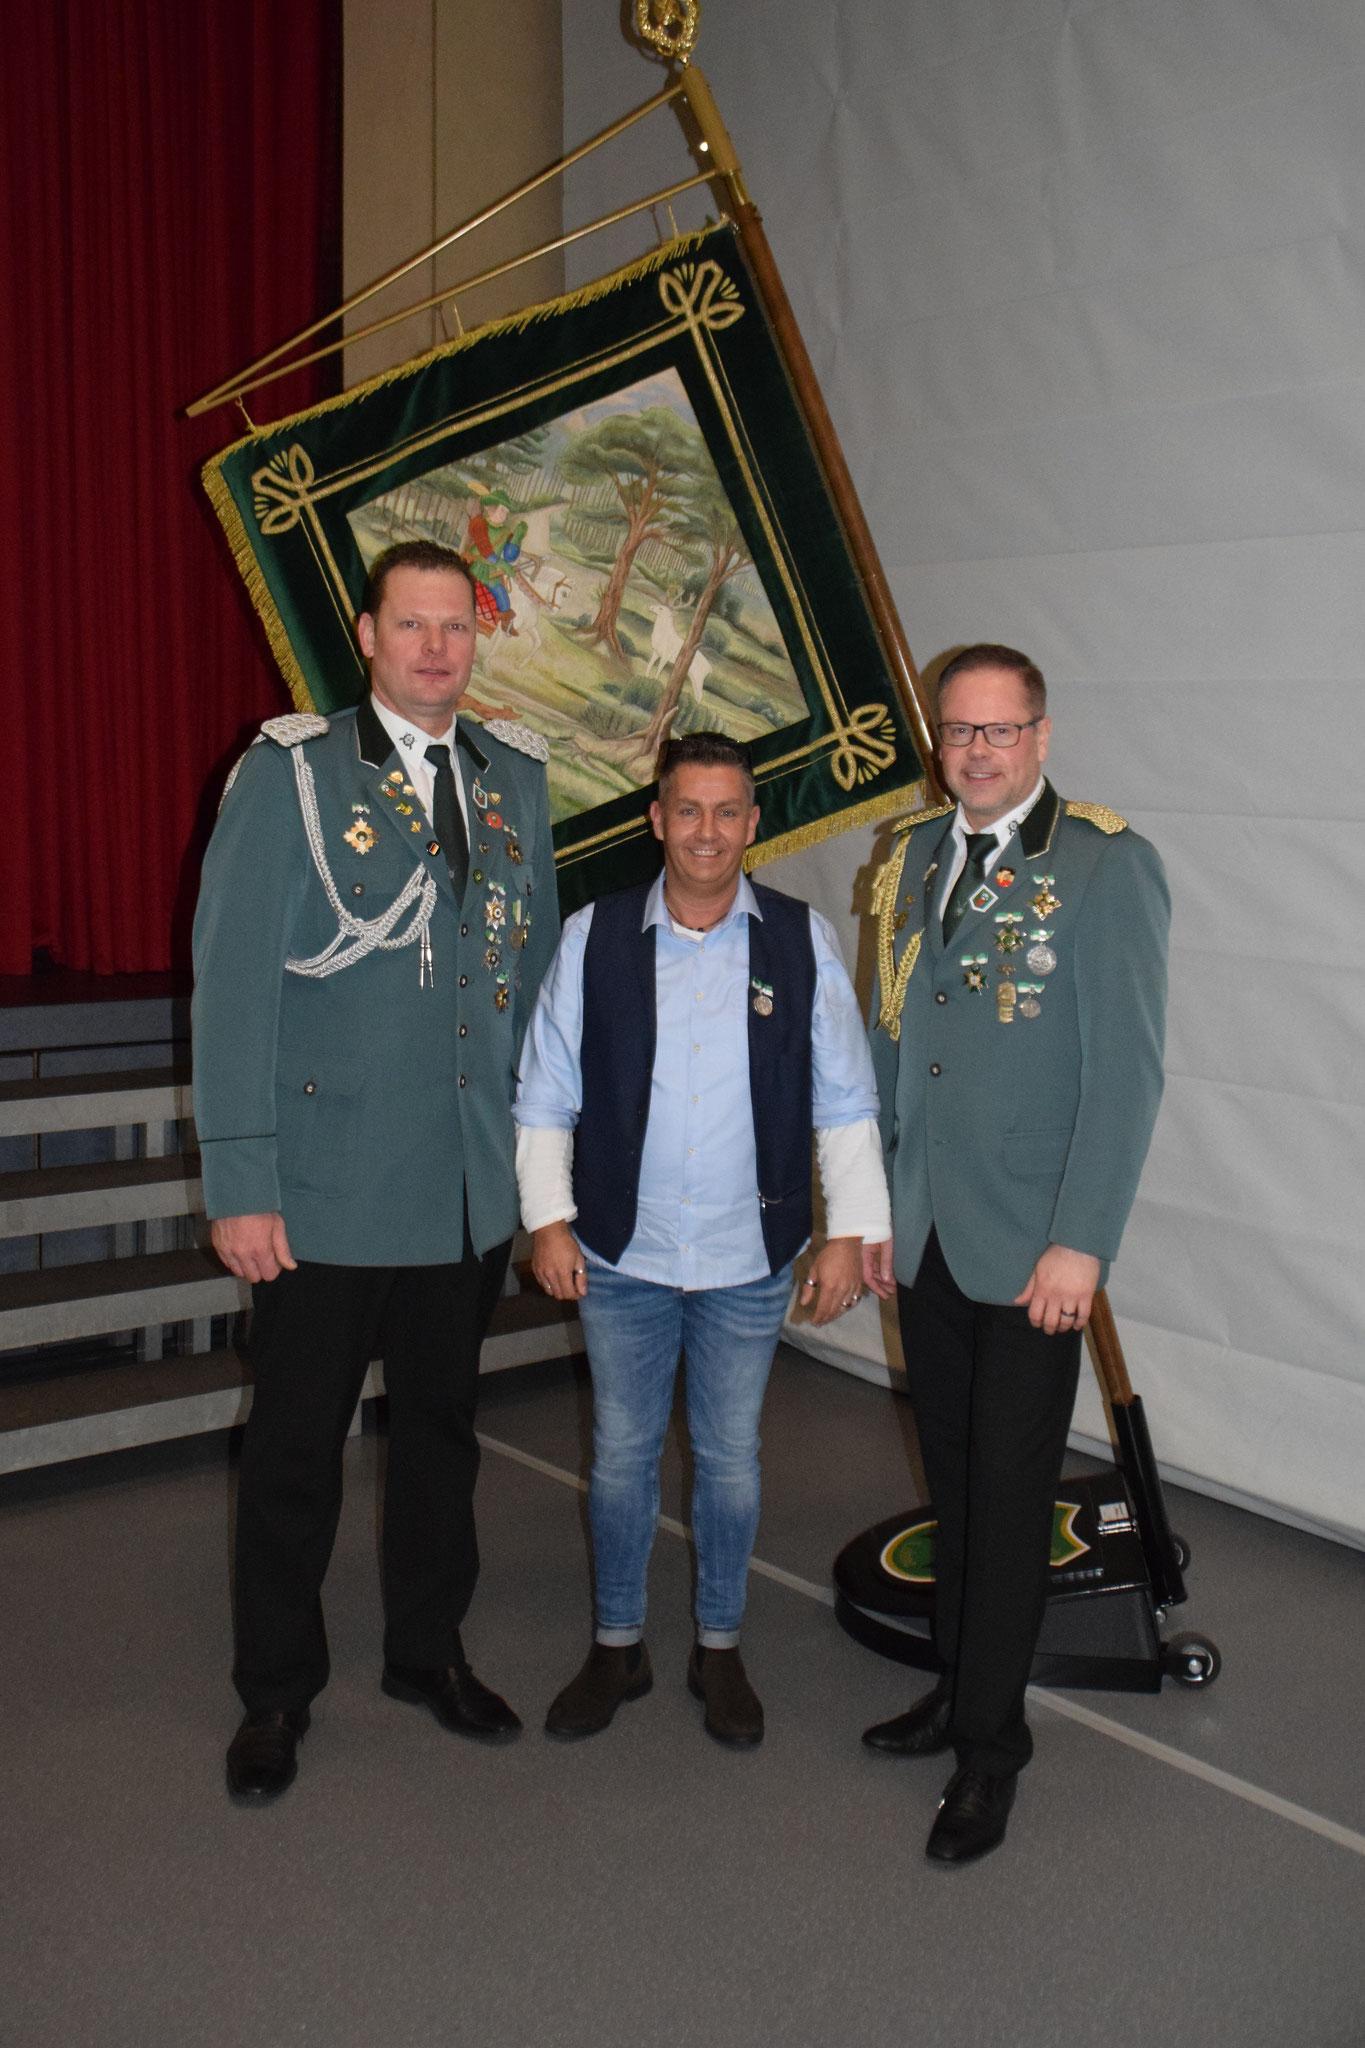 Schützenbruder des Jahres, Jens Wilming